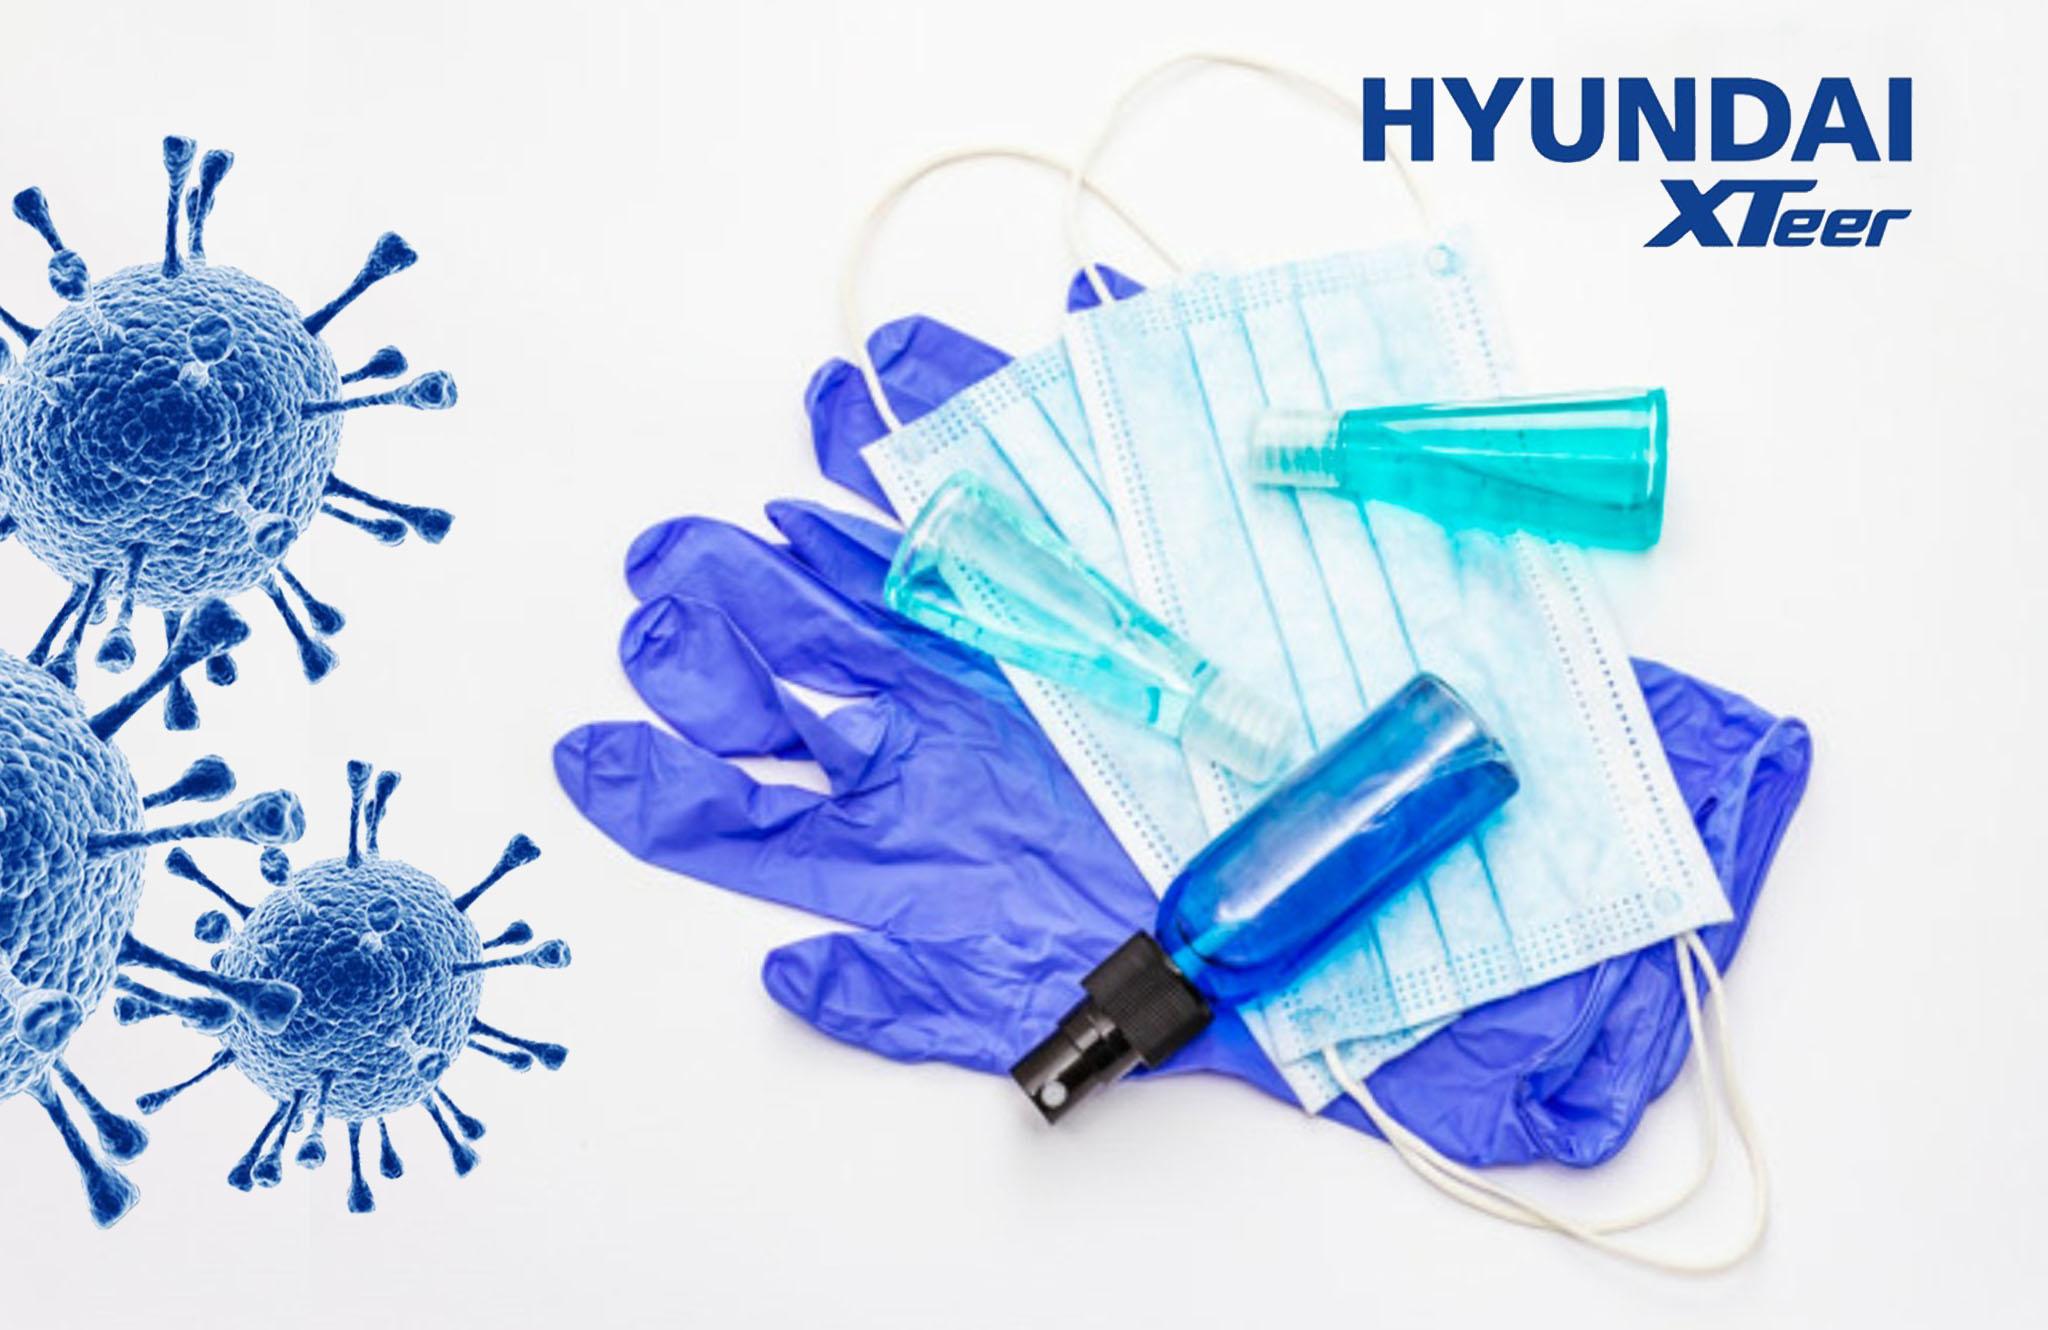 Hyundai XTeer Работа во время пандемии